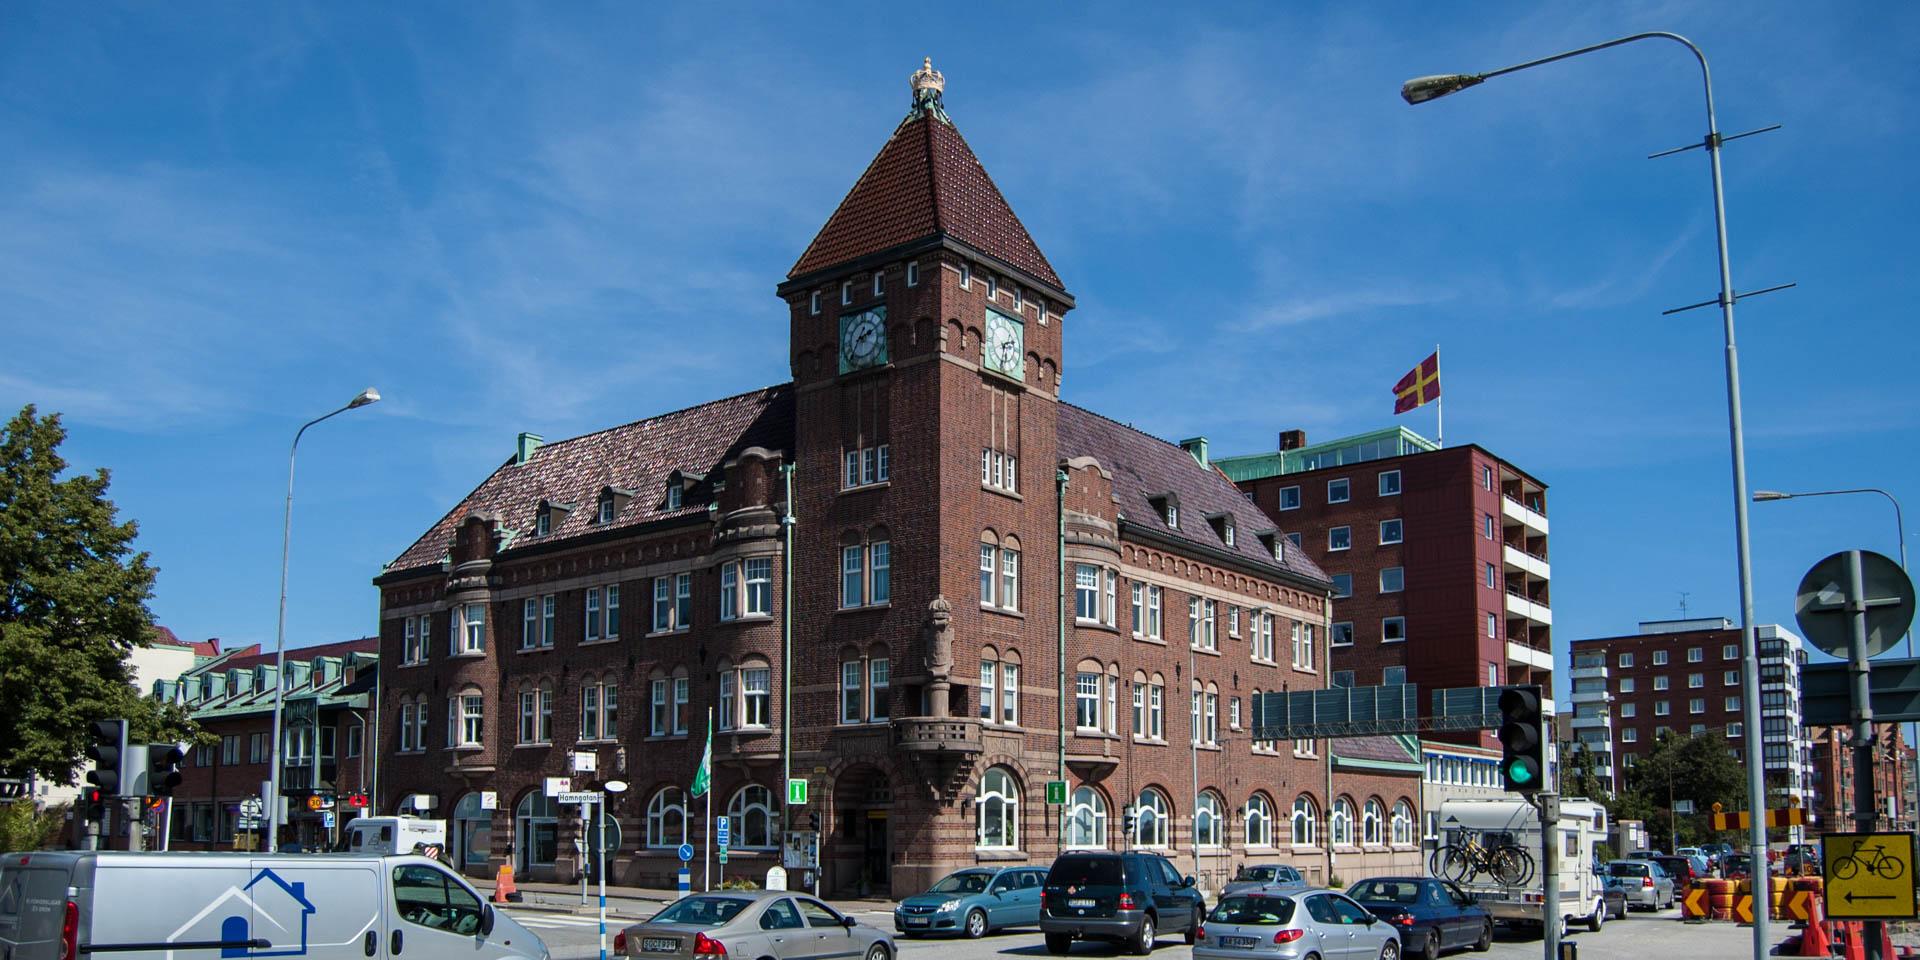 Trelleborgs Turistbyrå 2015